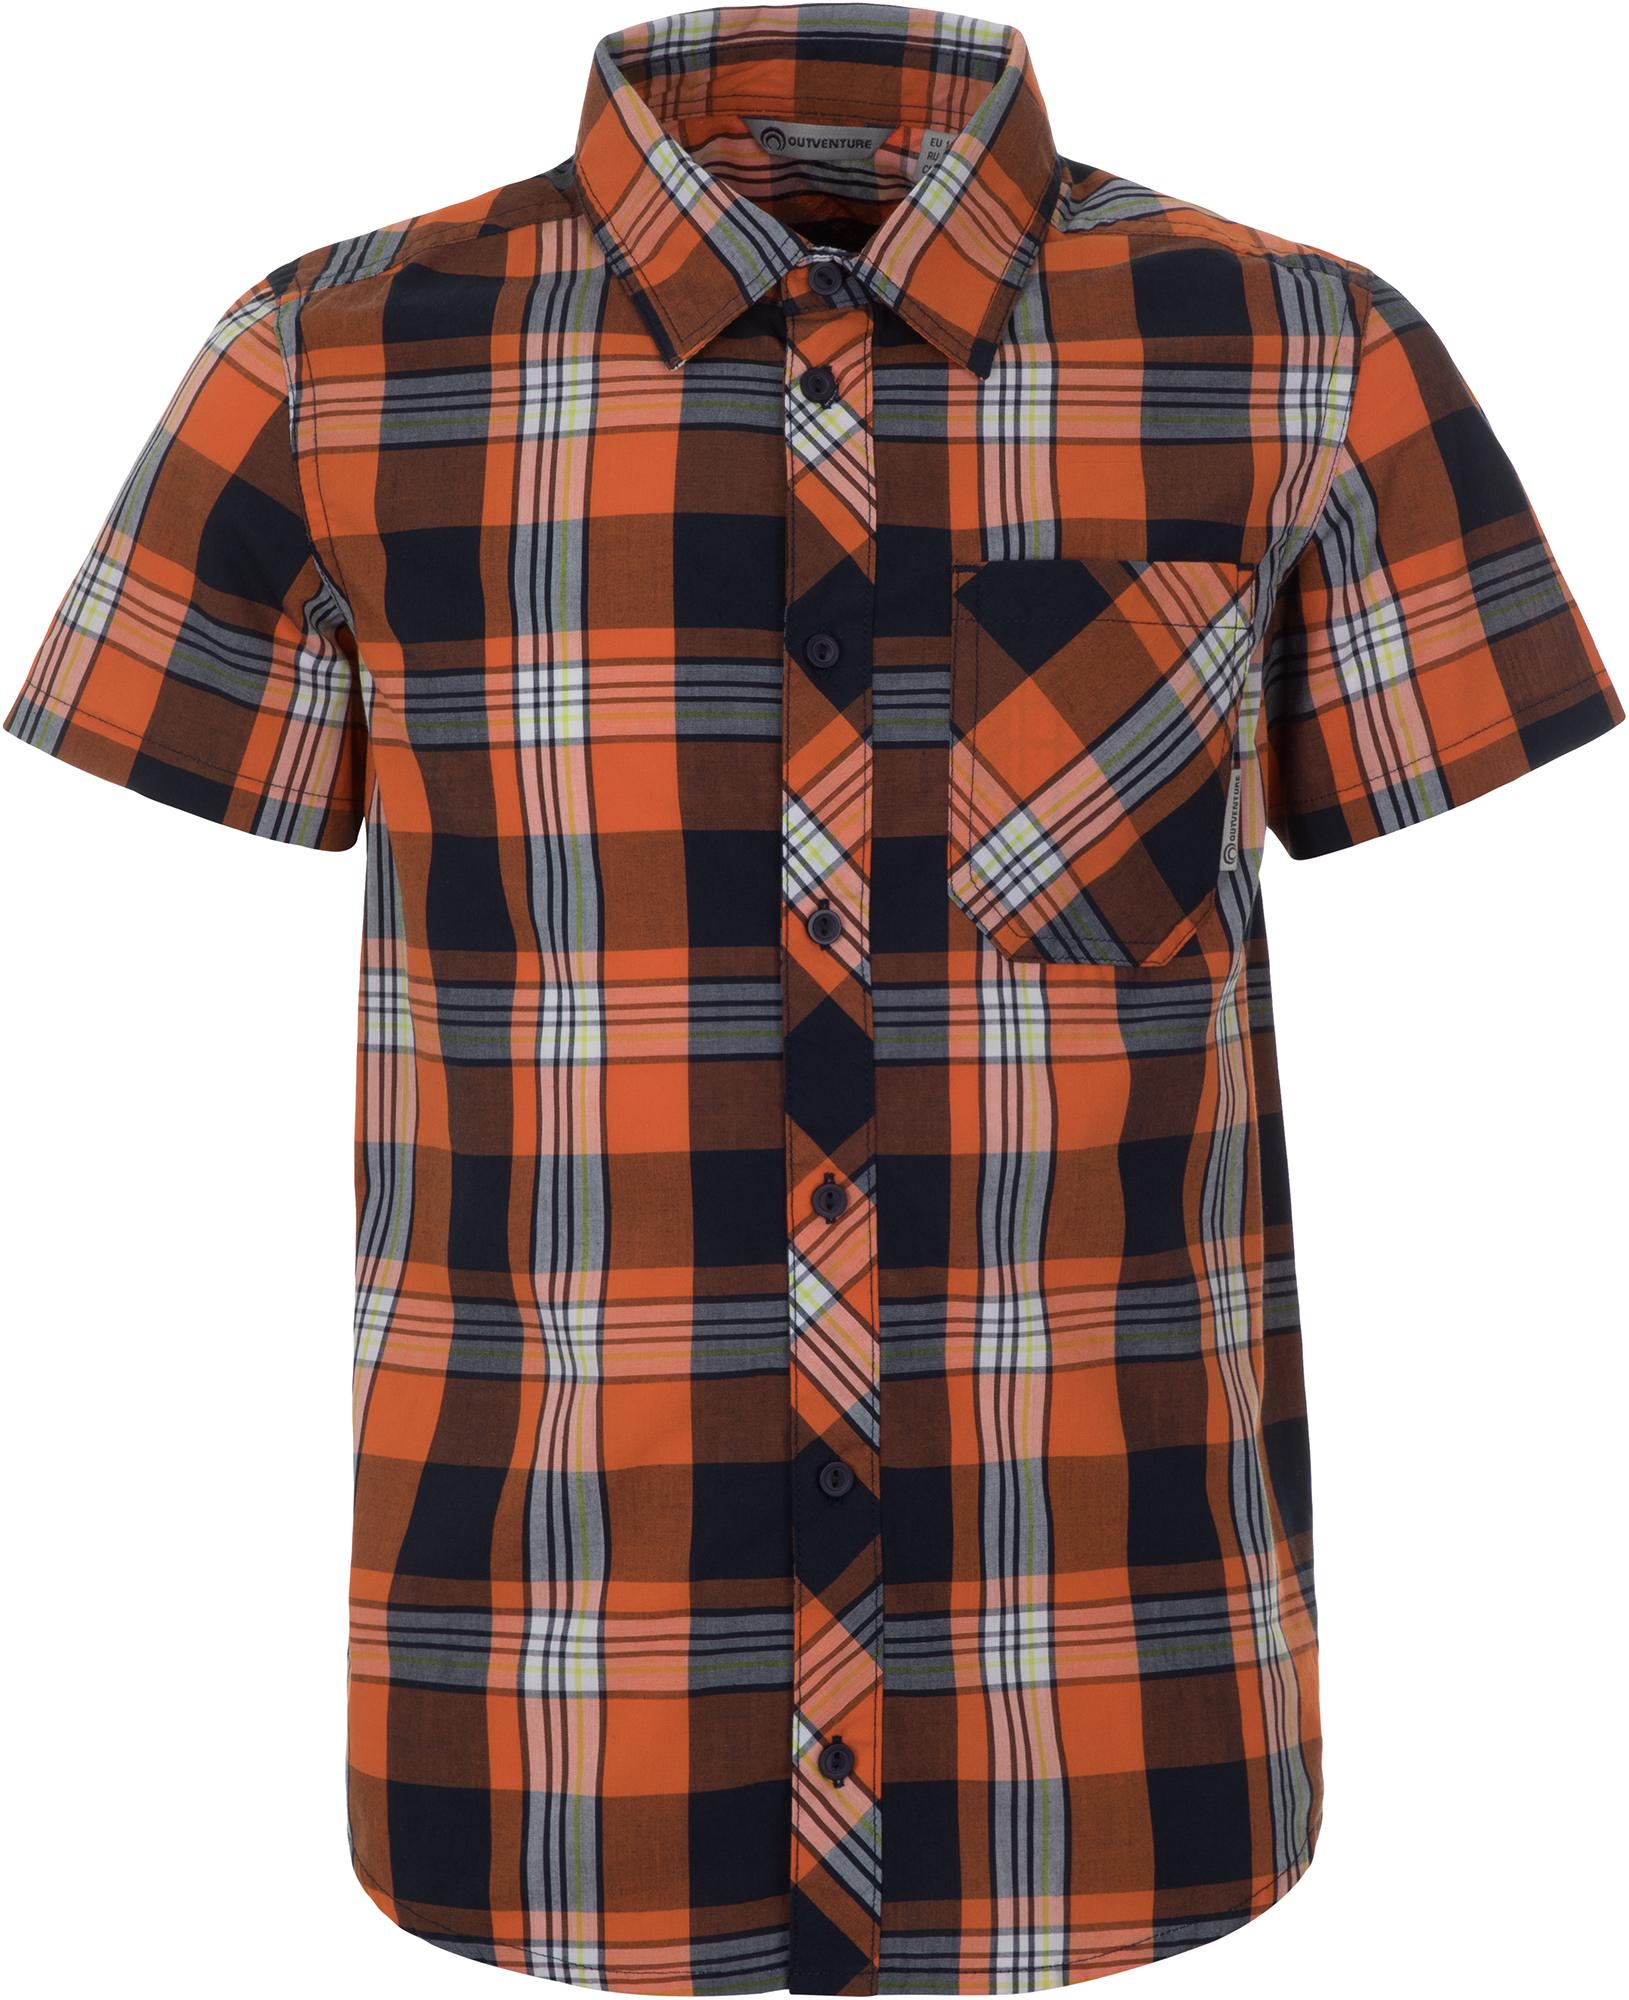 Outventure Рубашка с коротким рукавом для мальчиков Outventure, размер 170 мужская рубашка с коротким рукавом белый